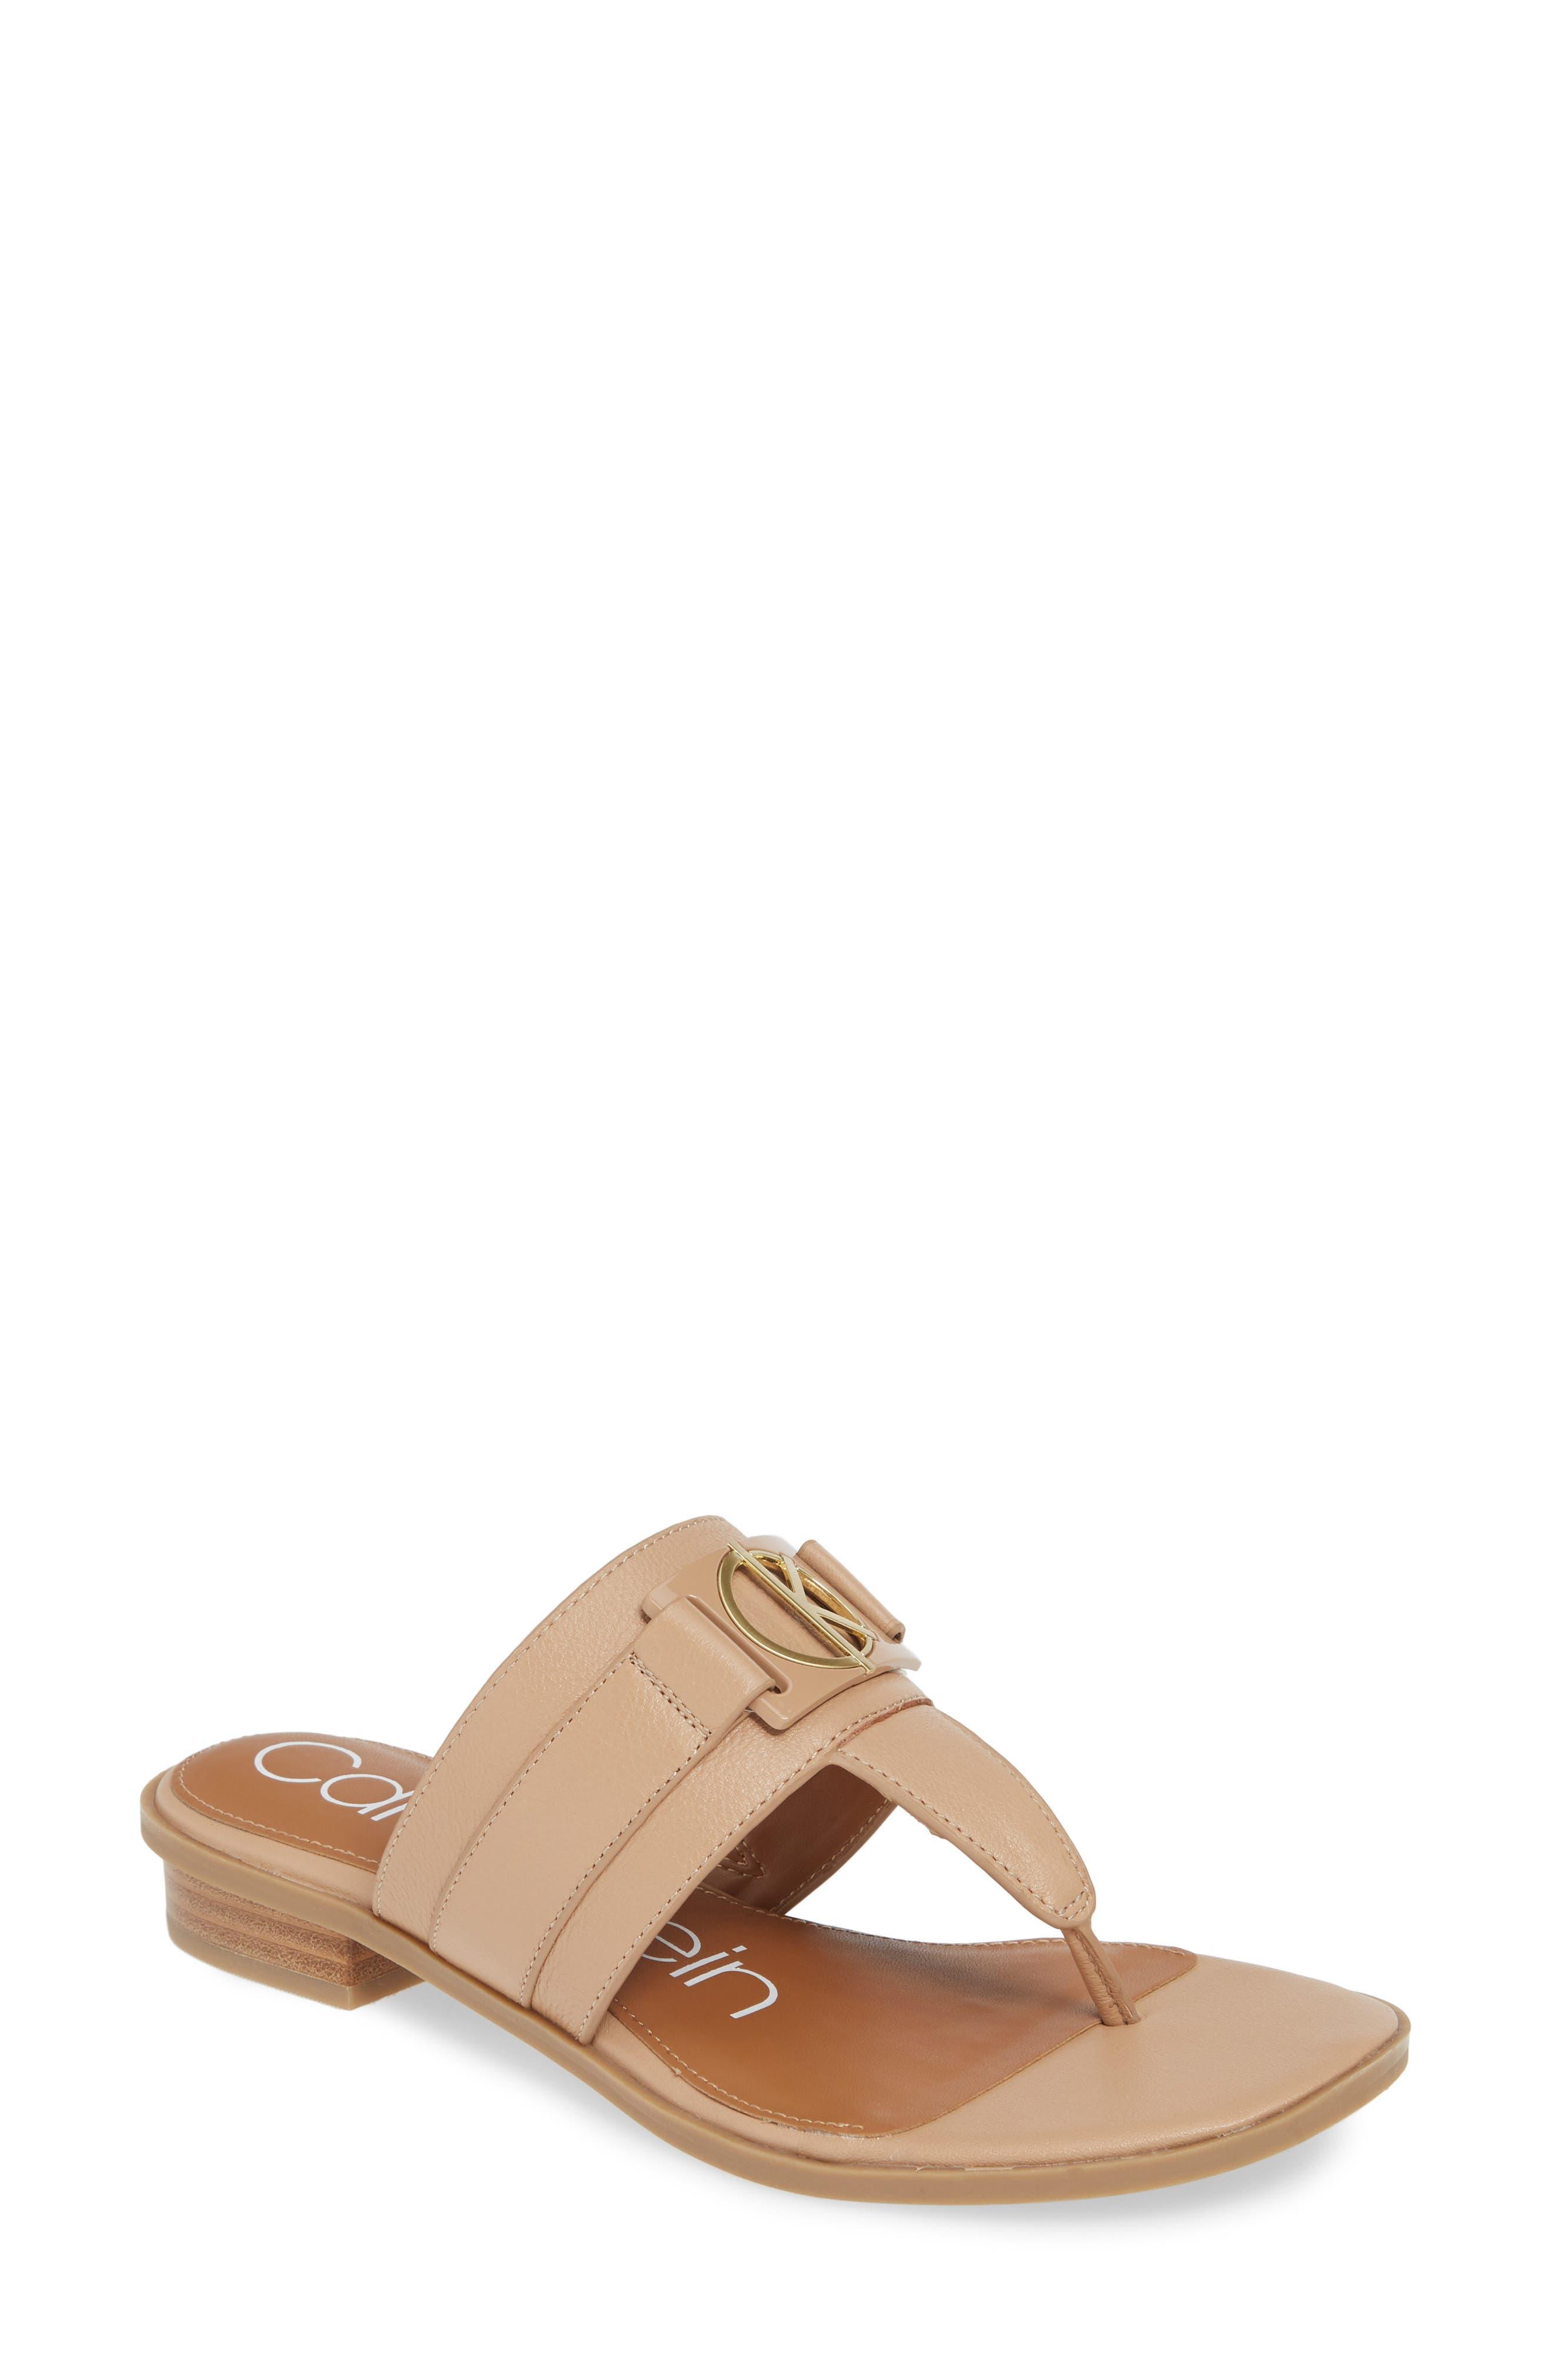 Calvin Klein Farley Flip Flop, Beige